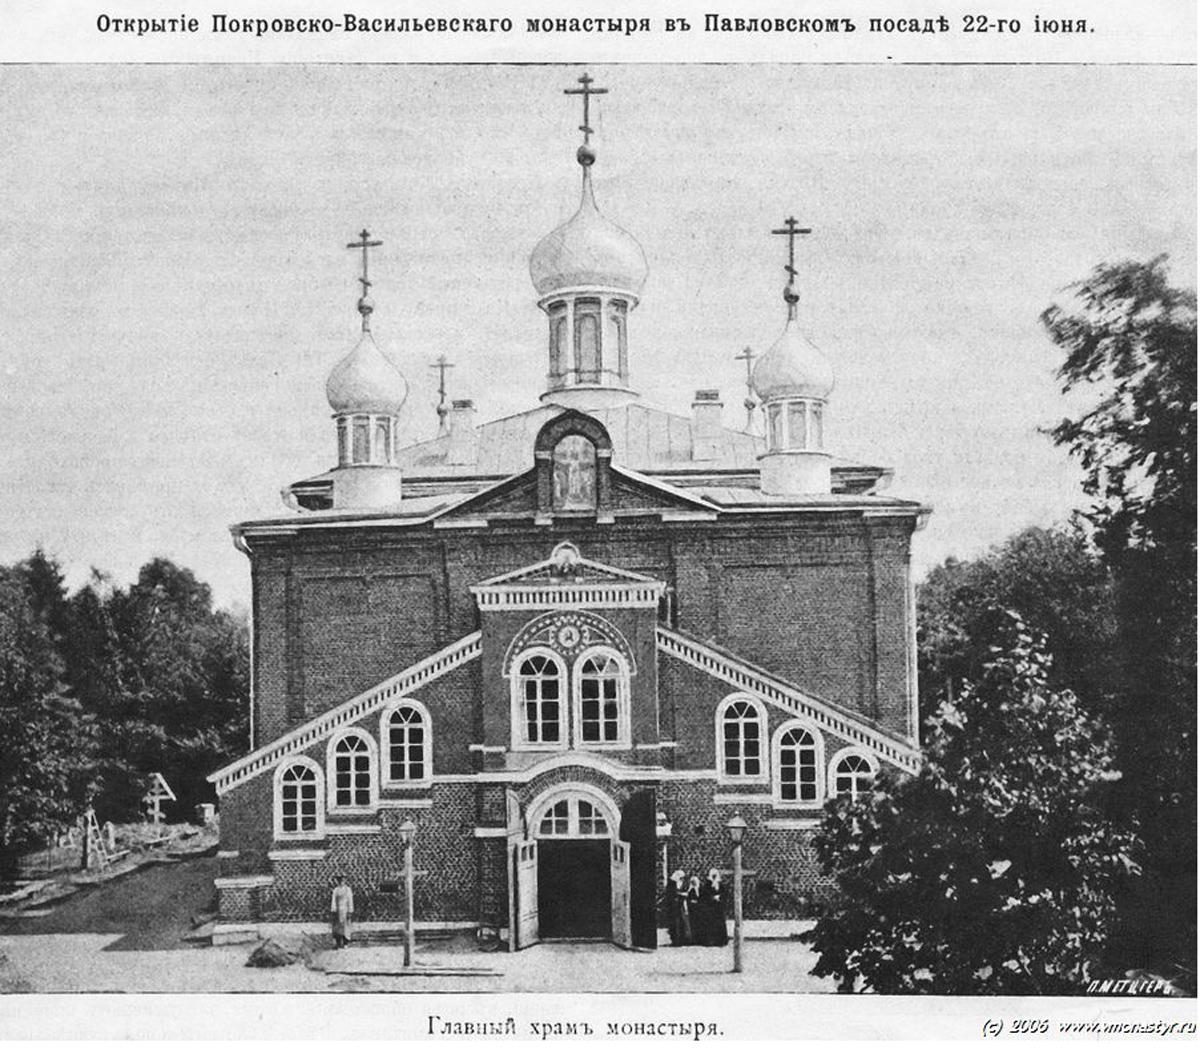 старинное фото монастыря